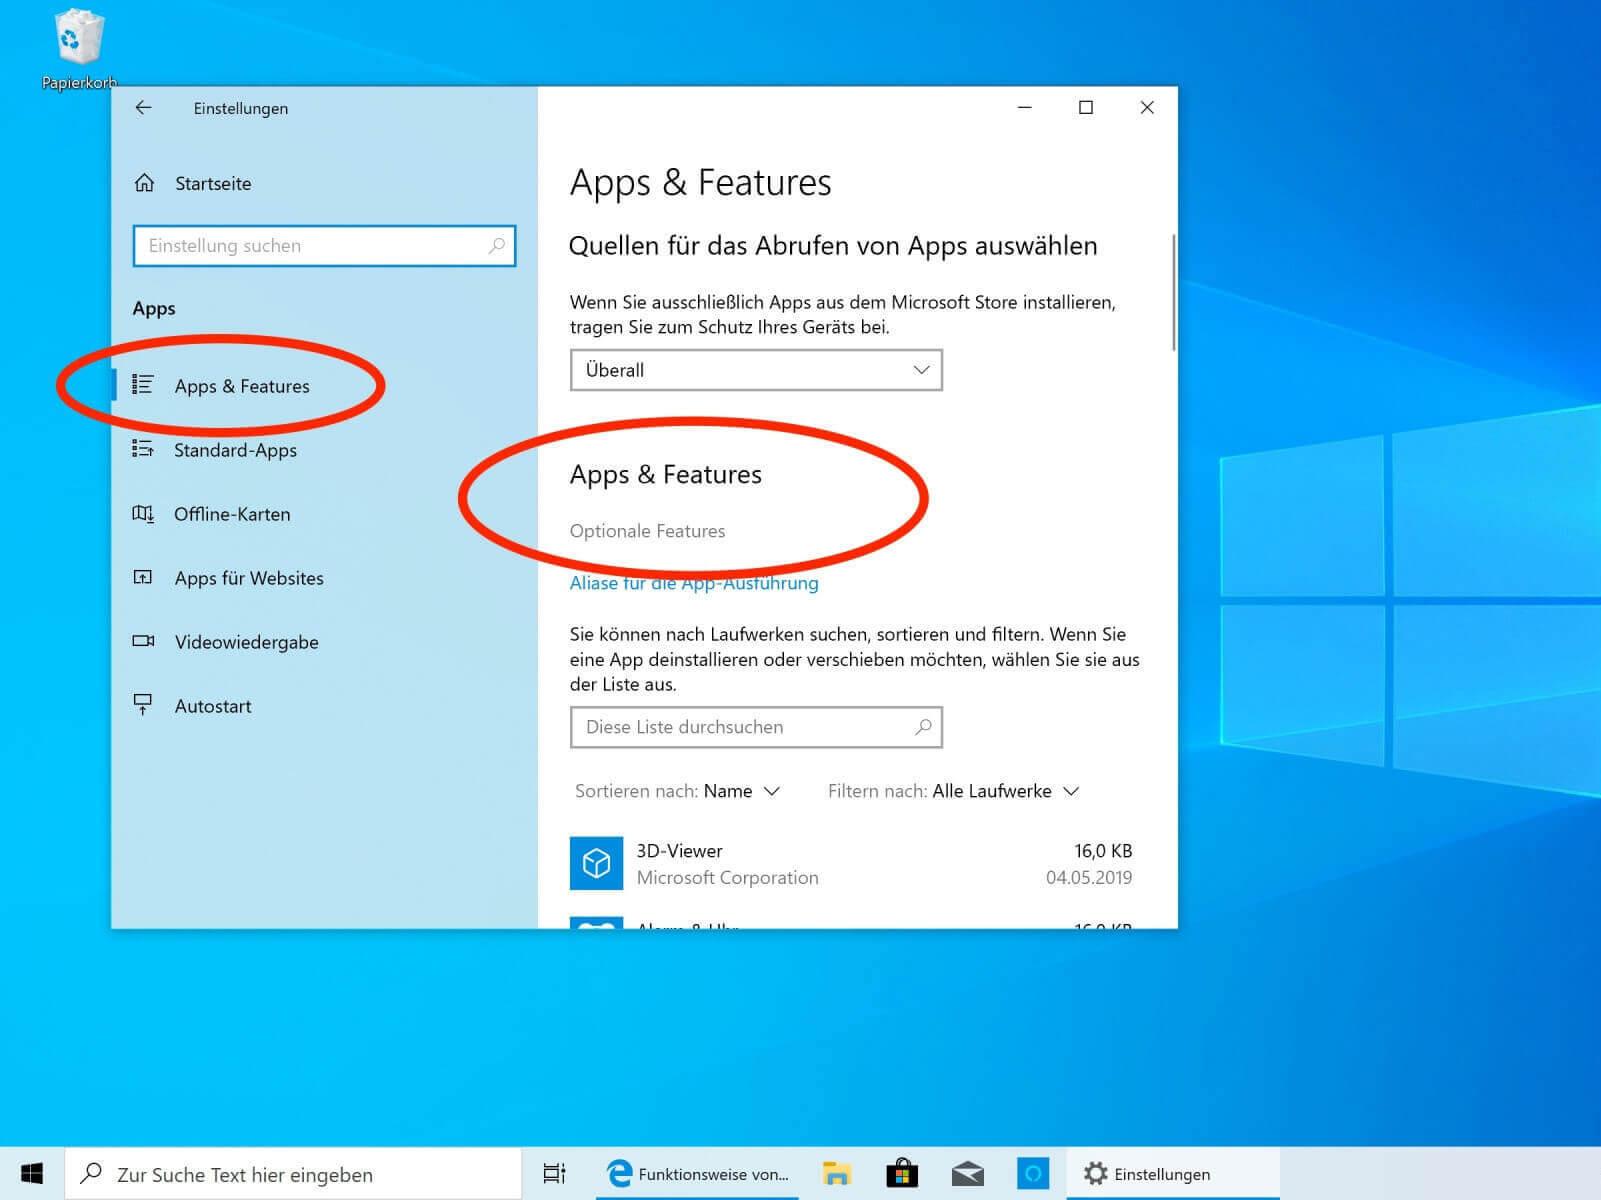 Windows 10 foto app hintergrund schwarz